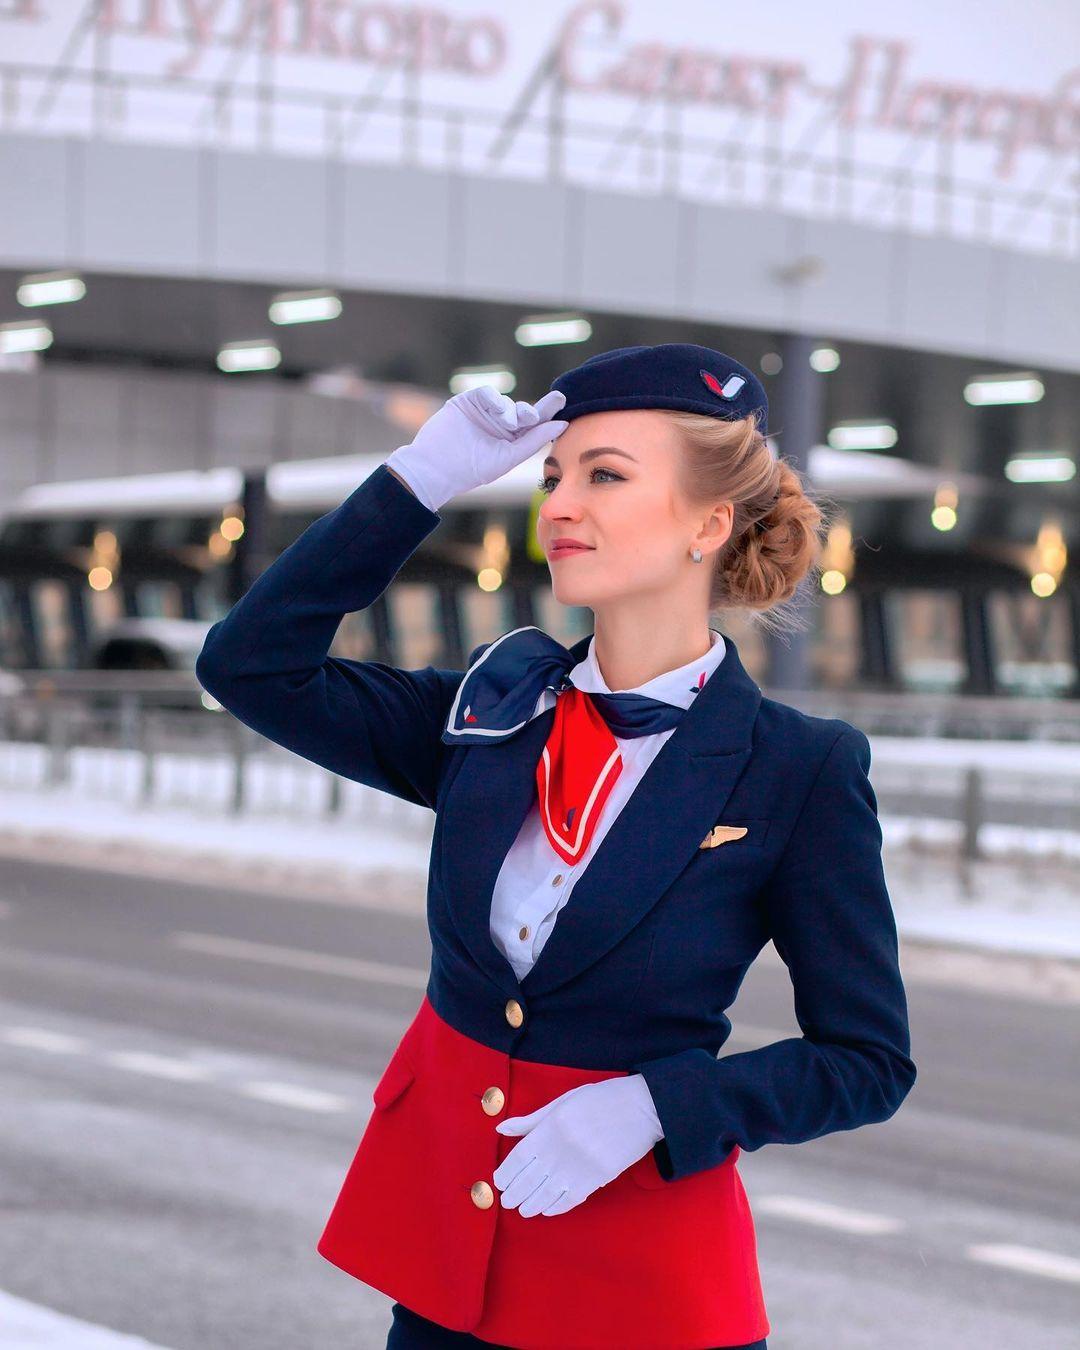 Karina sở hữu hơn 20.000 lượt theo dõi trên Instagram và 5 năm kinh nghiệm làm tiếp viên hàng không. Những bài viết của cô truyền cảm hứng cho những người muốn làm nghề này. Ảnh: Maniadelcielo/Instagram